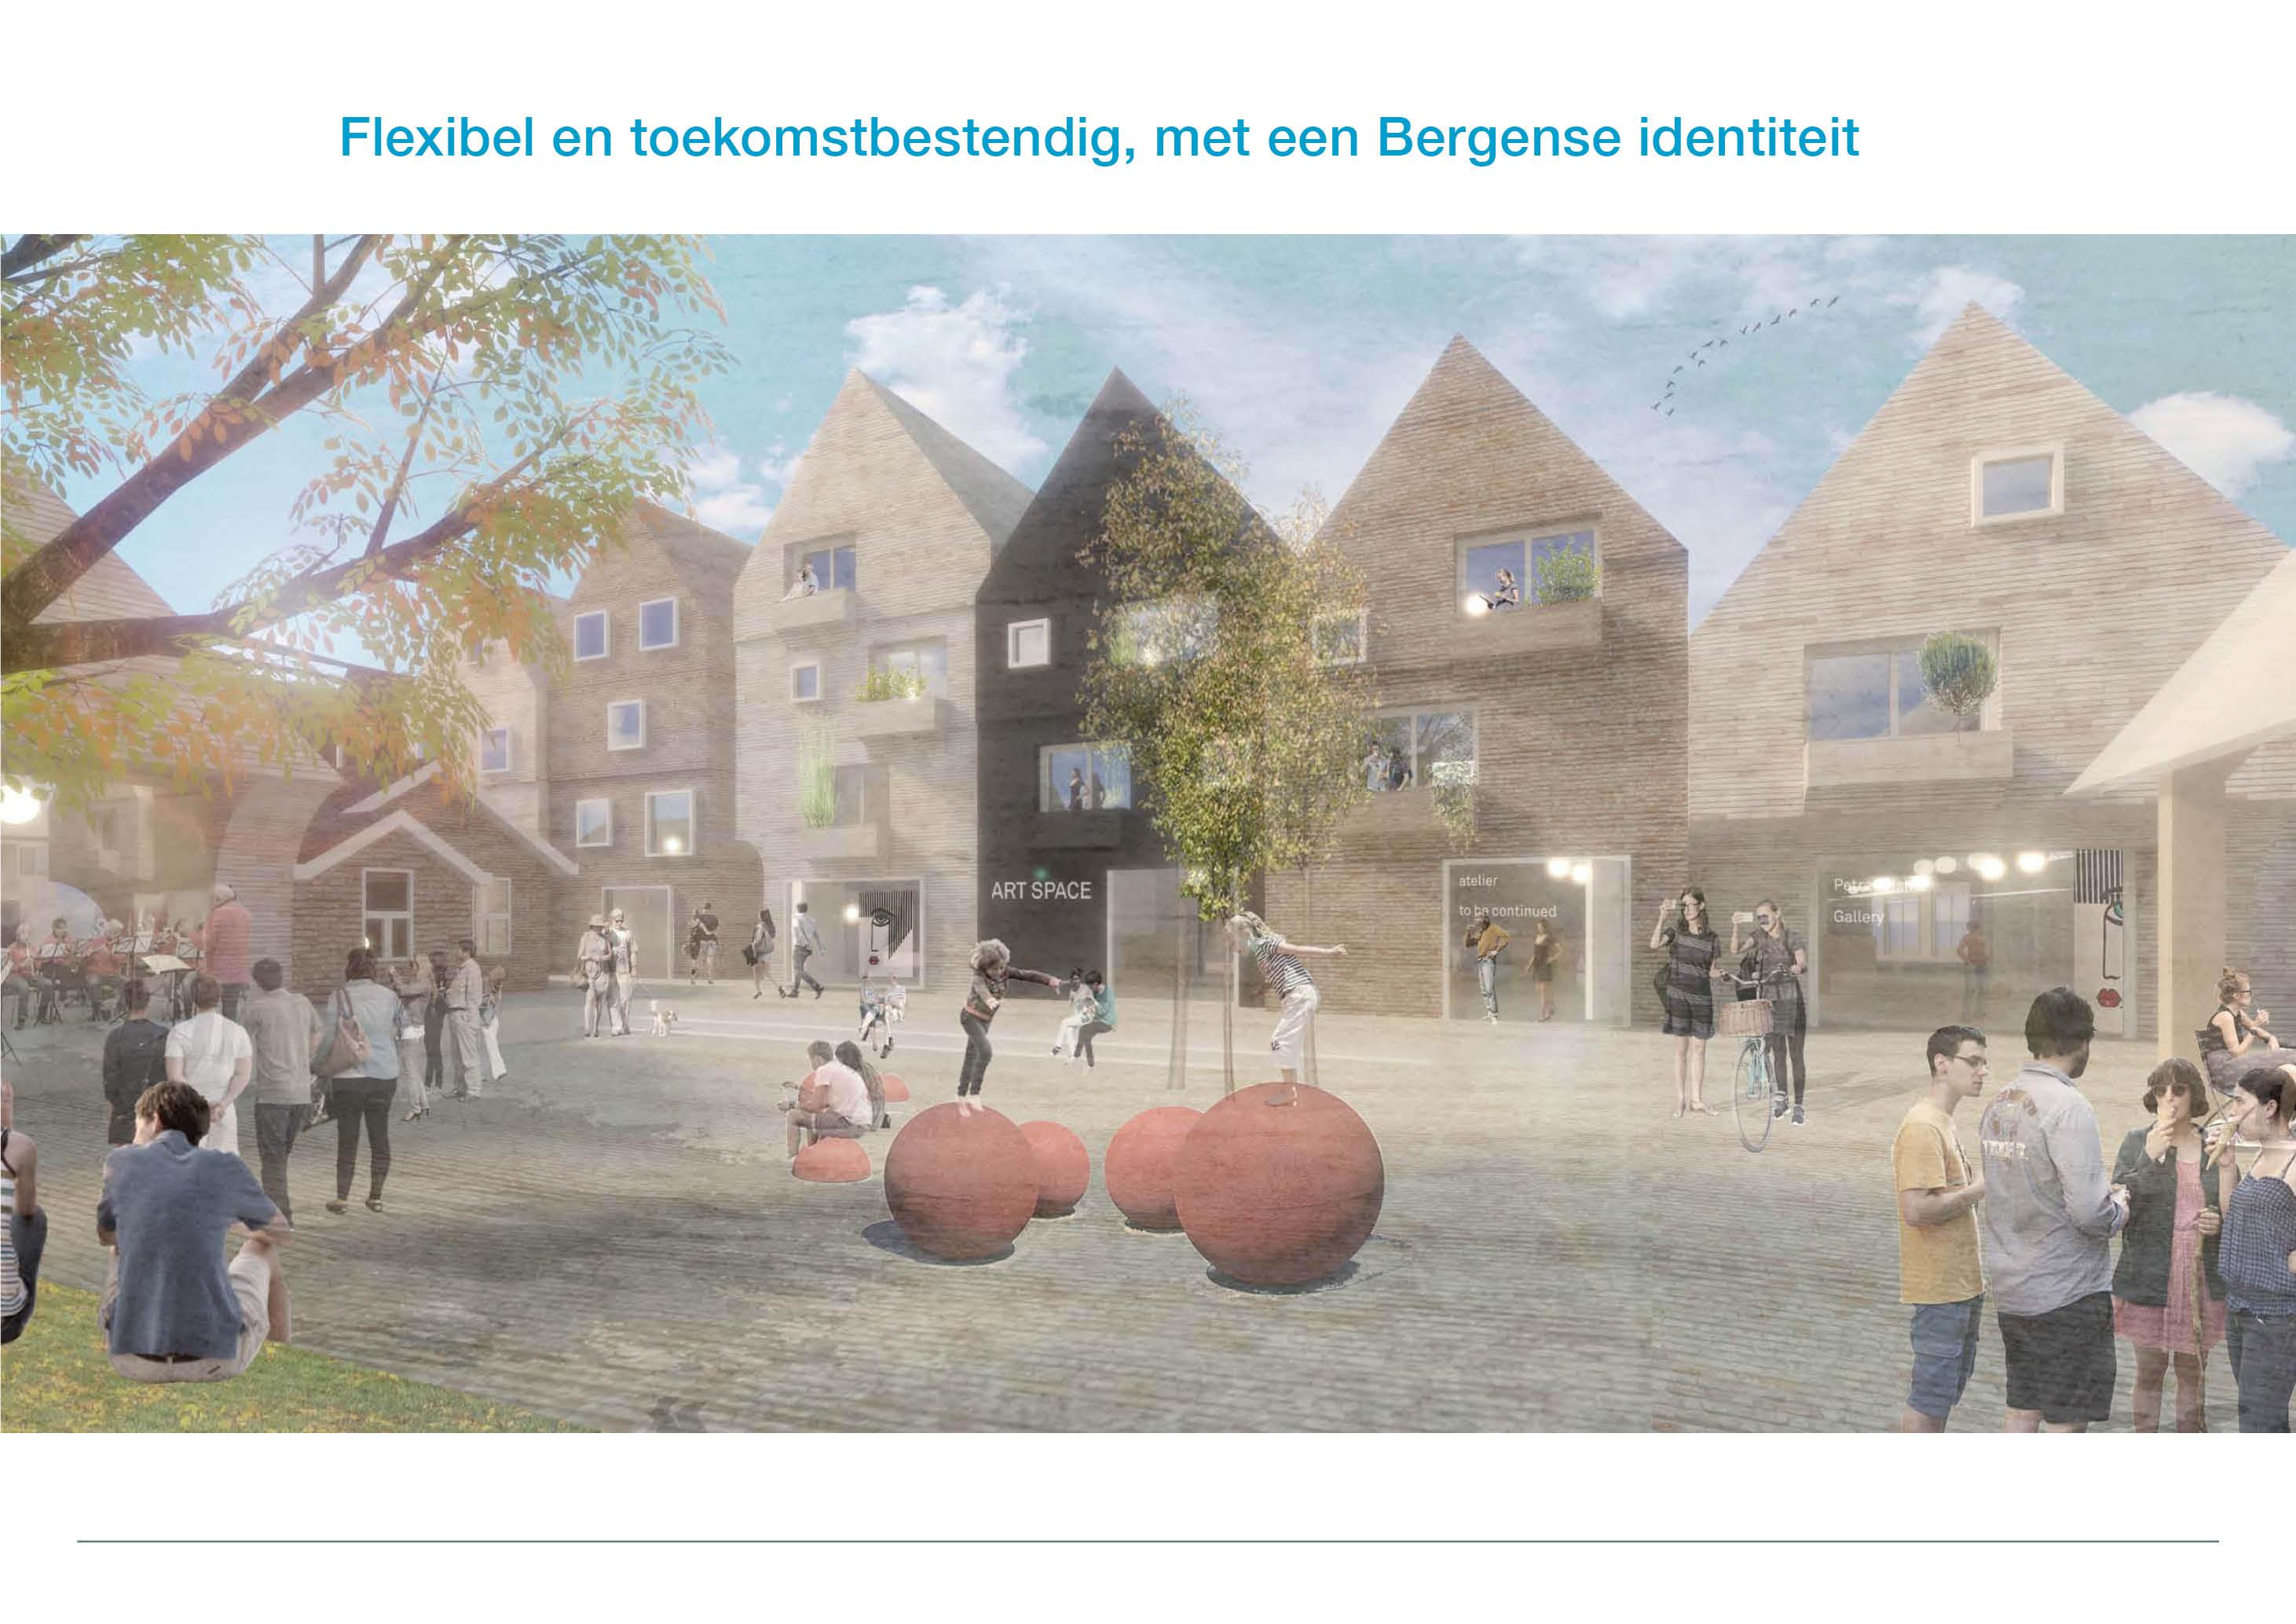 pres-mooier-bergen-111016-322